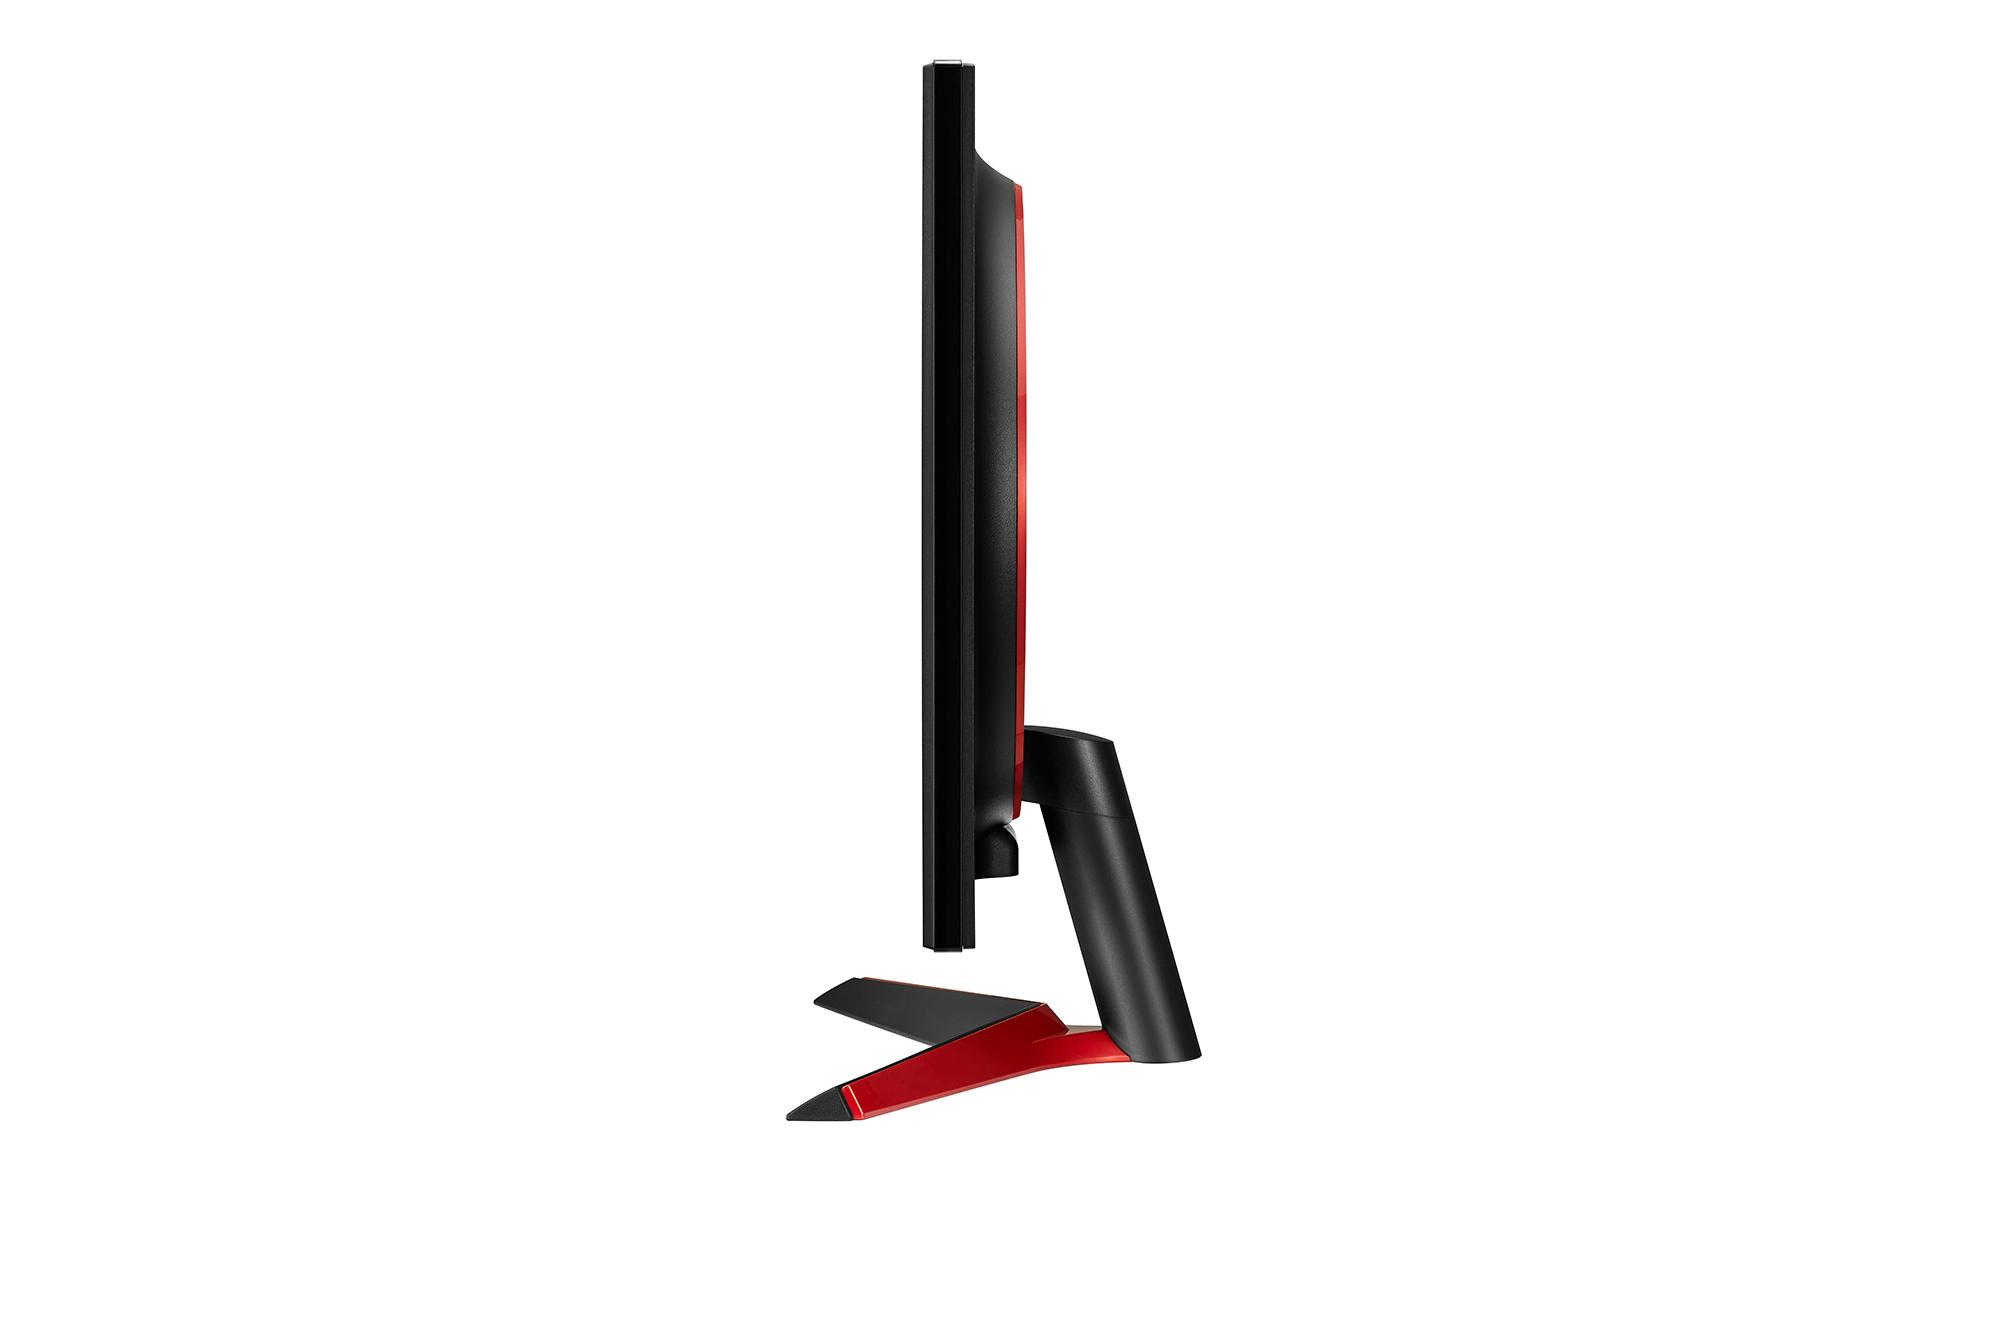 מסך מחשב 24 אינץ' מקצועי LG 24GL600F אל ג'י - תמונה 6